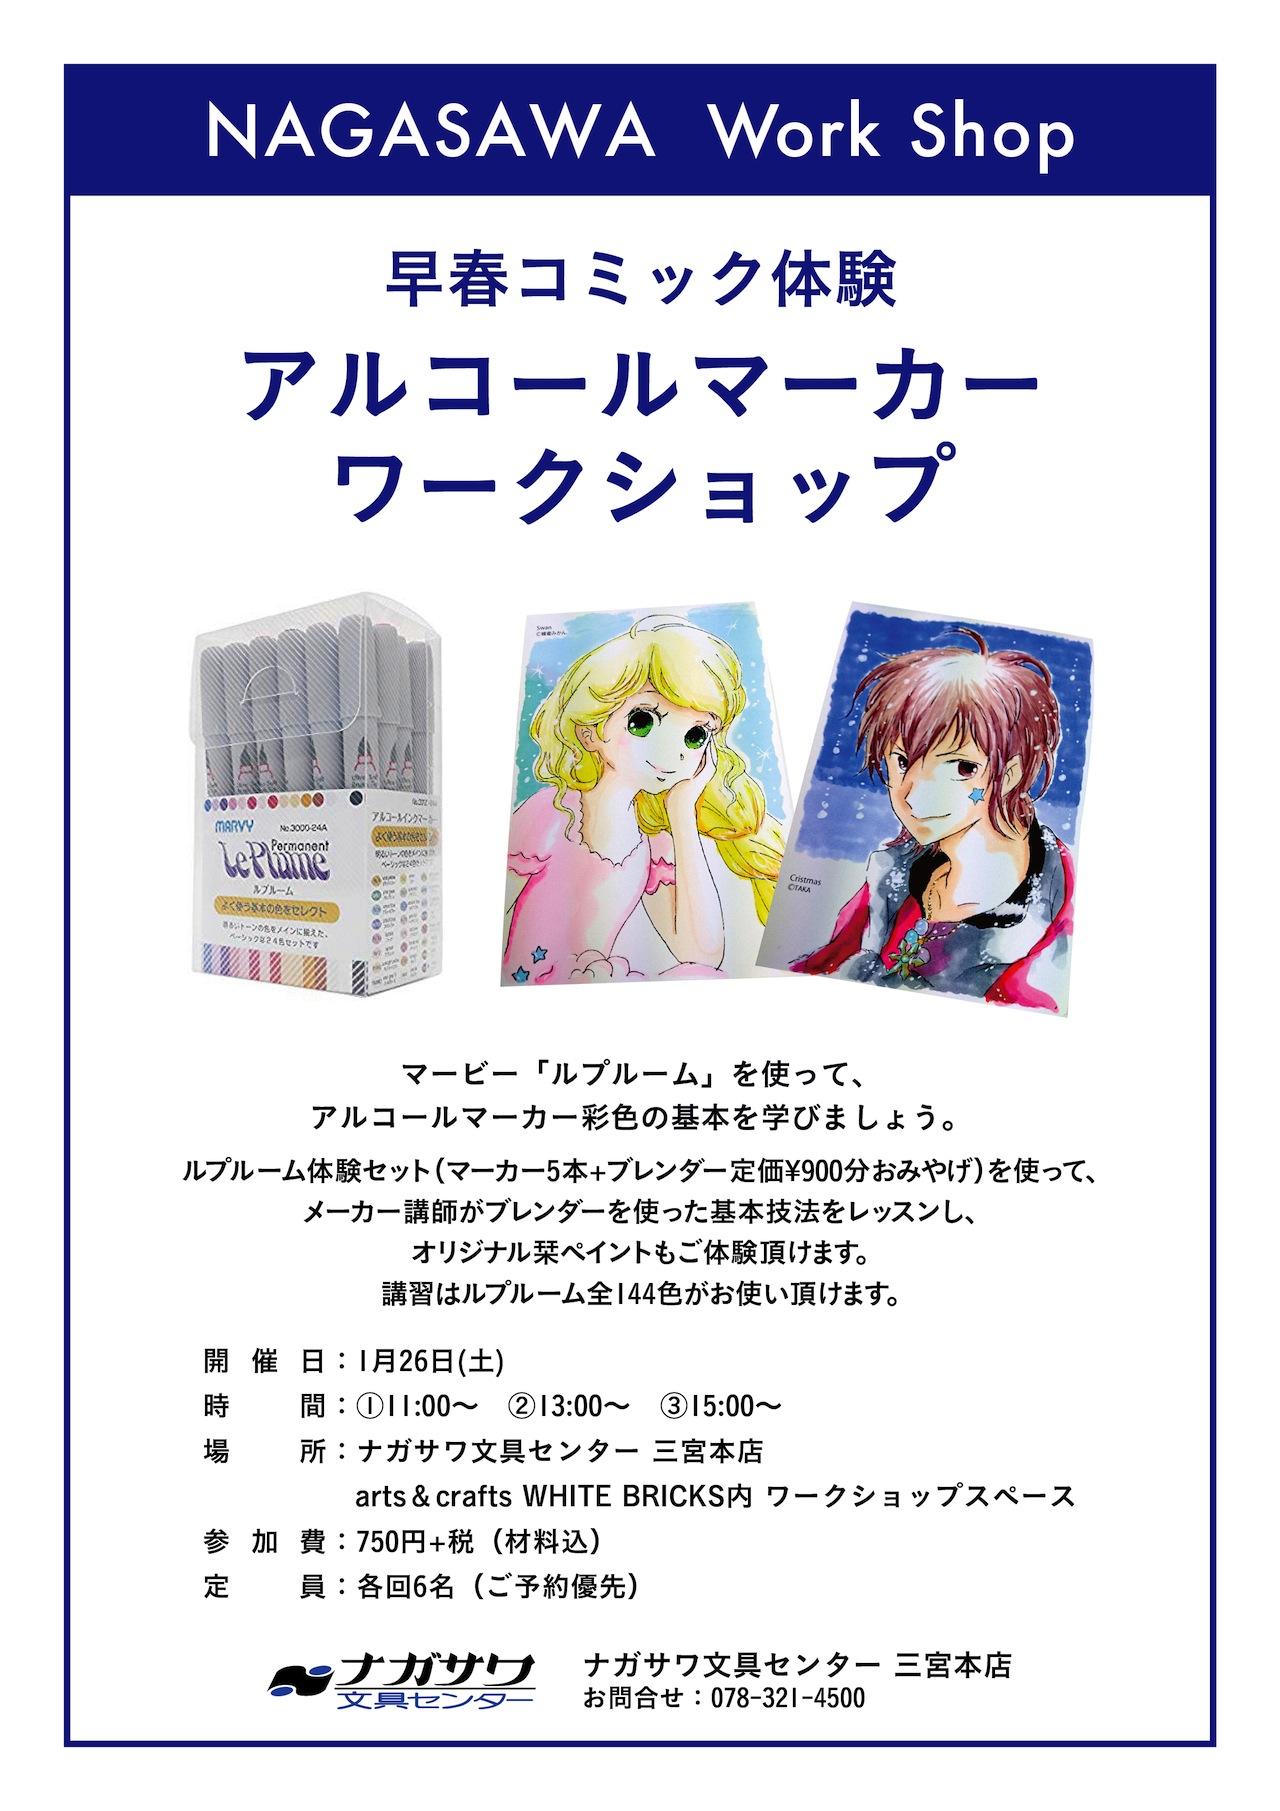 【本店】マービー『ルプルーム』を使ってアルコールマーカー彩色の基本を学びましょう!